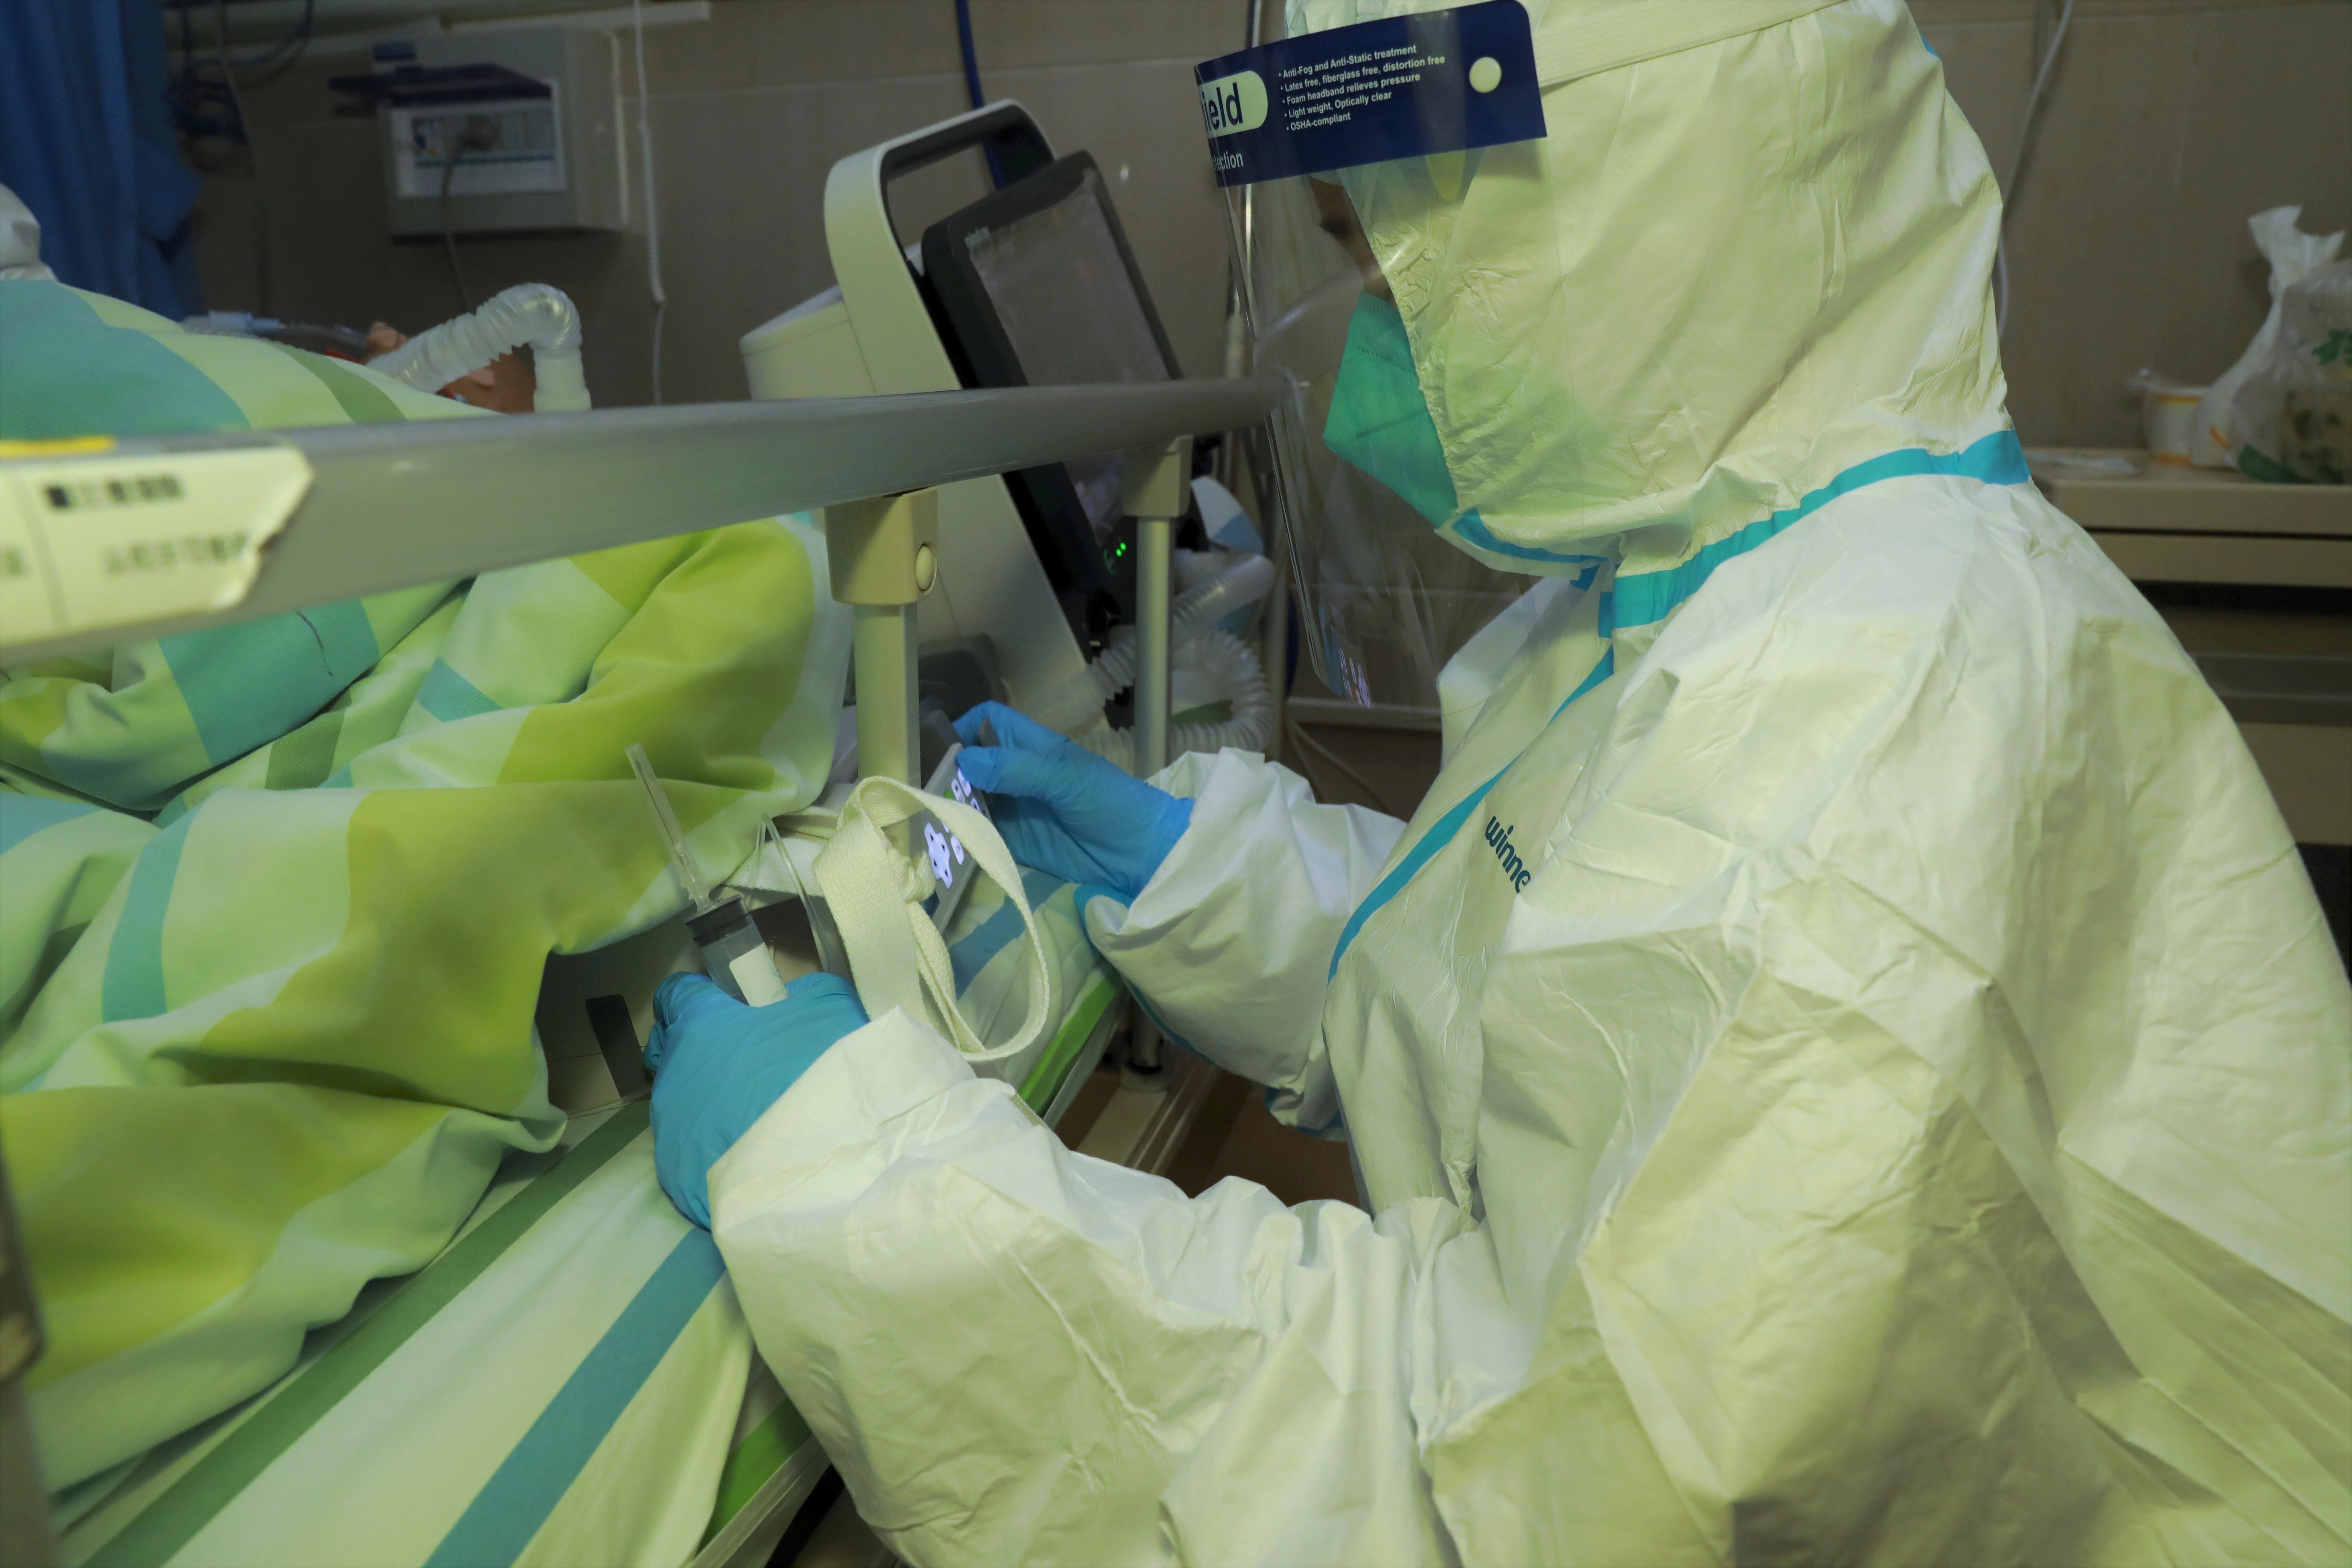 Un personal médico atiende a un paciente con neumonía causada por el nuevo coronavirus en el Hospital Zhongnan de la Universidad de Wuhan, 22 de enero de 2020. (cnsphoto vía REUTERS)